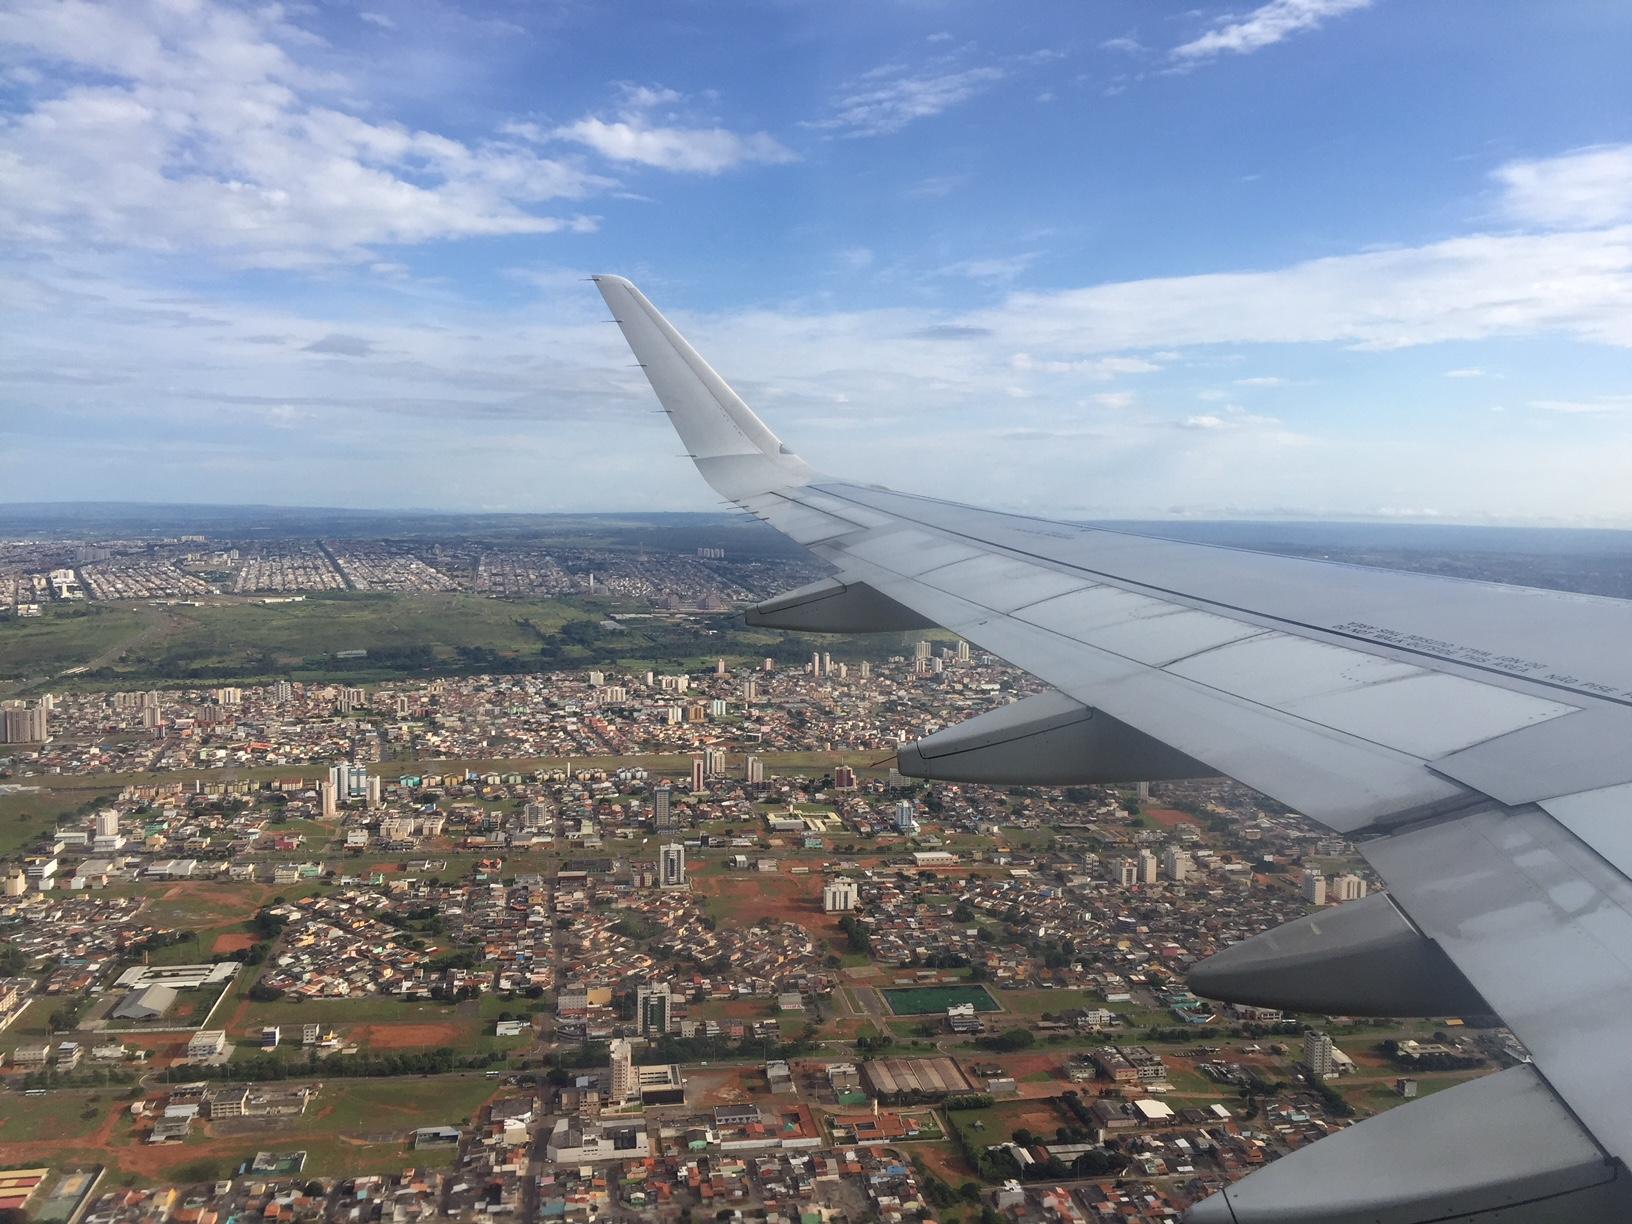 Vista aérea de Brasilia. Llegando a visitar Brasilia en 2 días